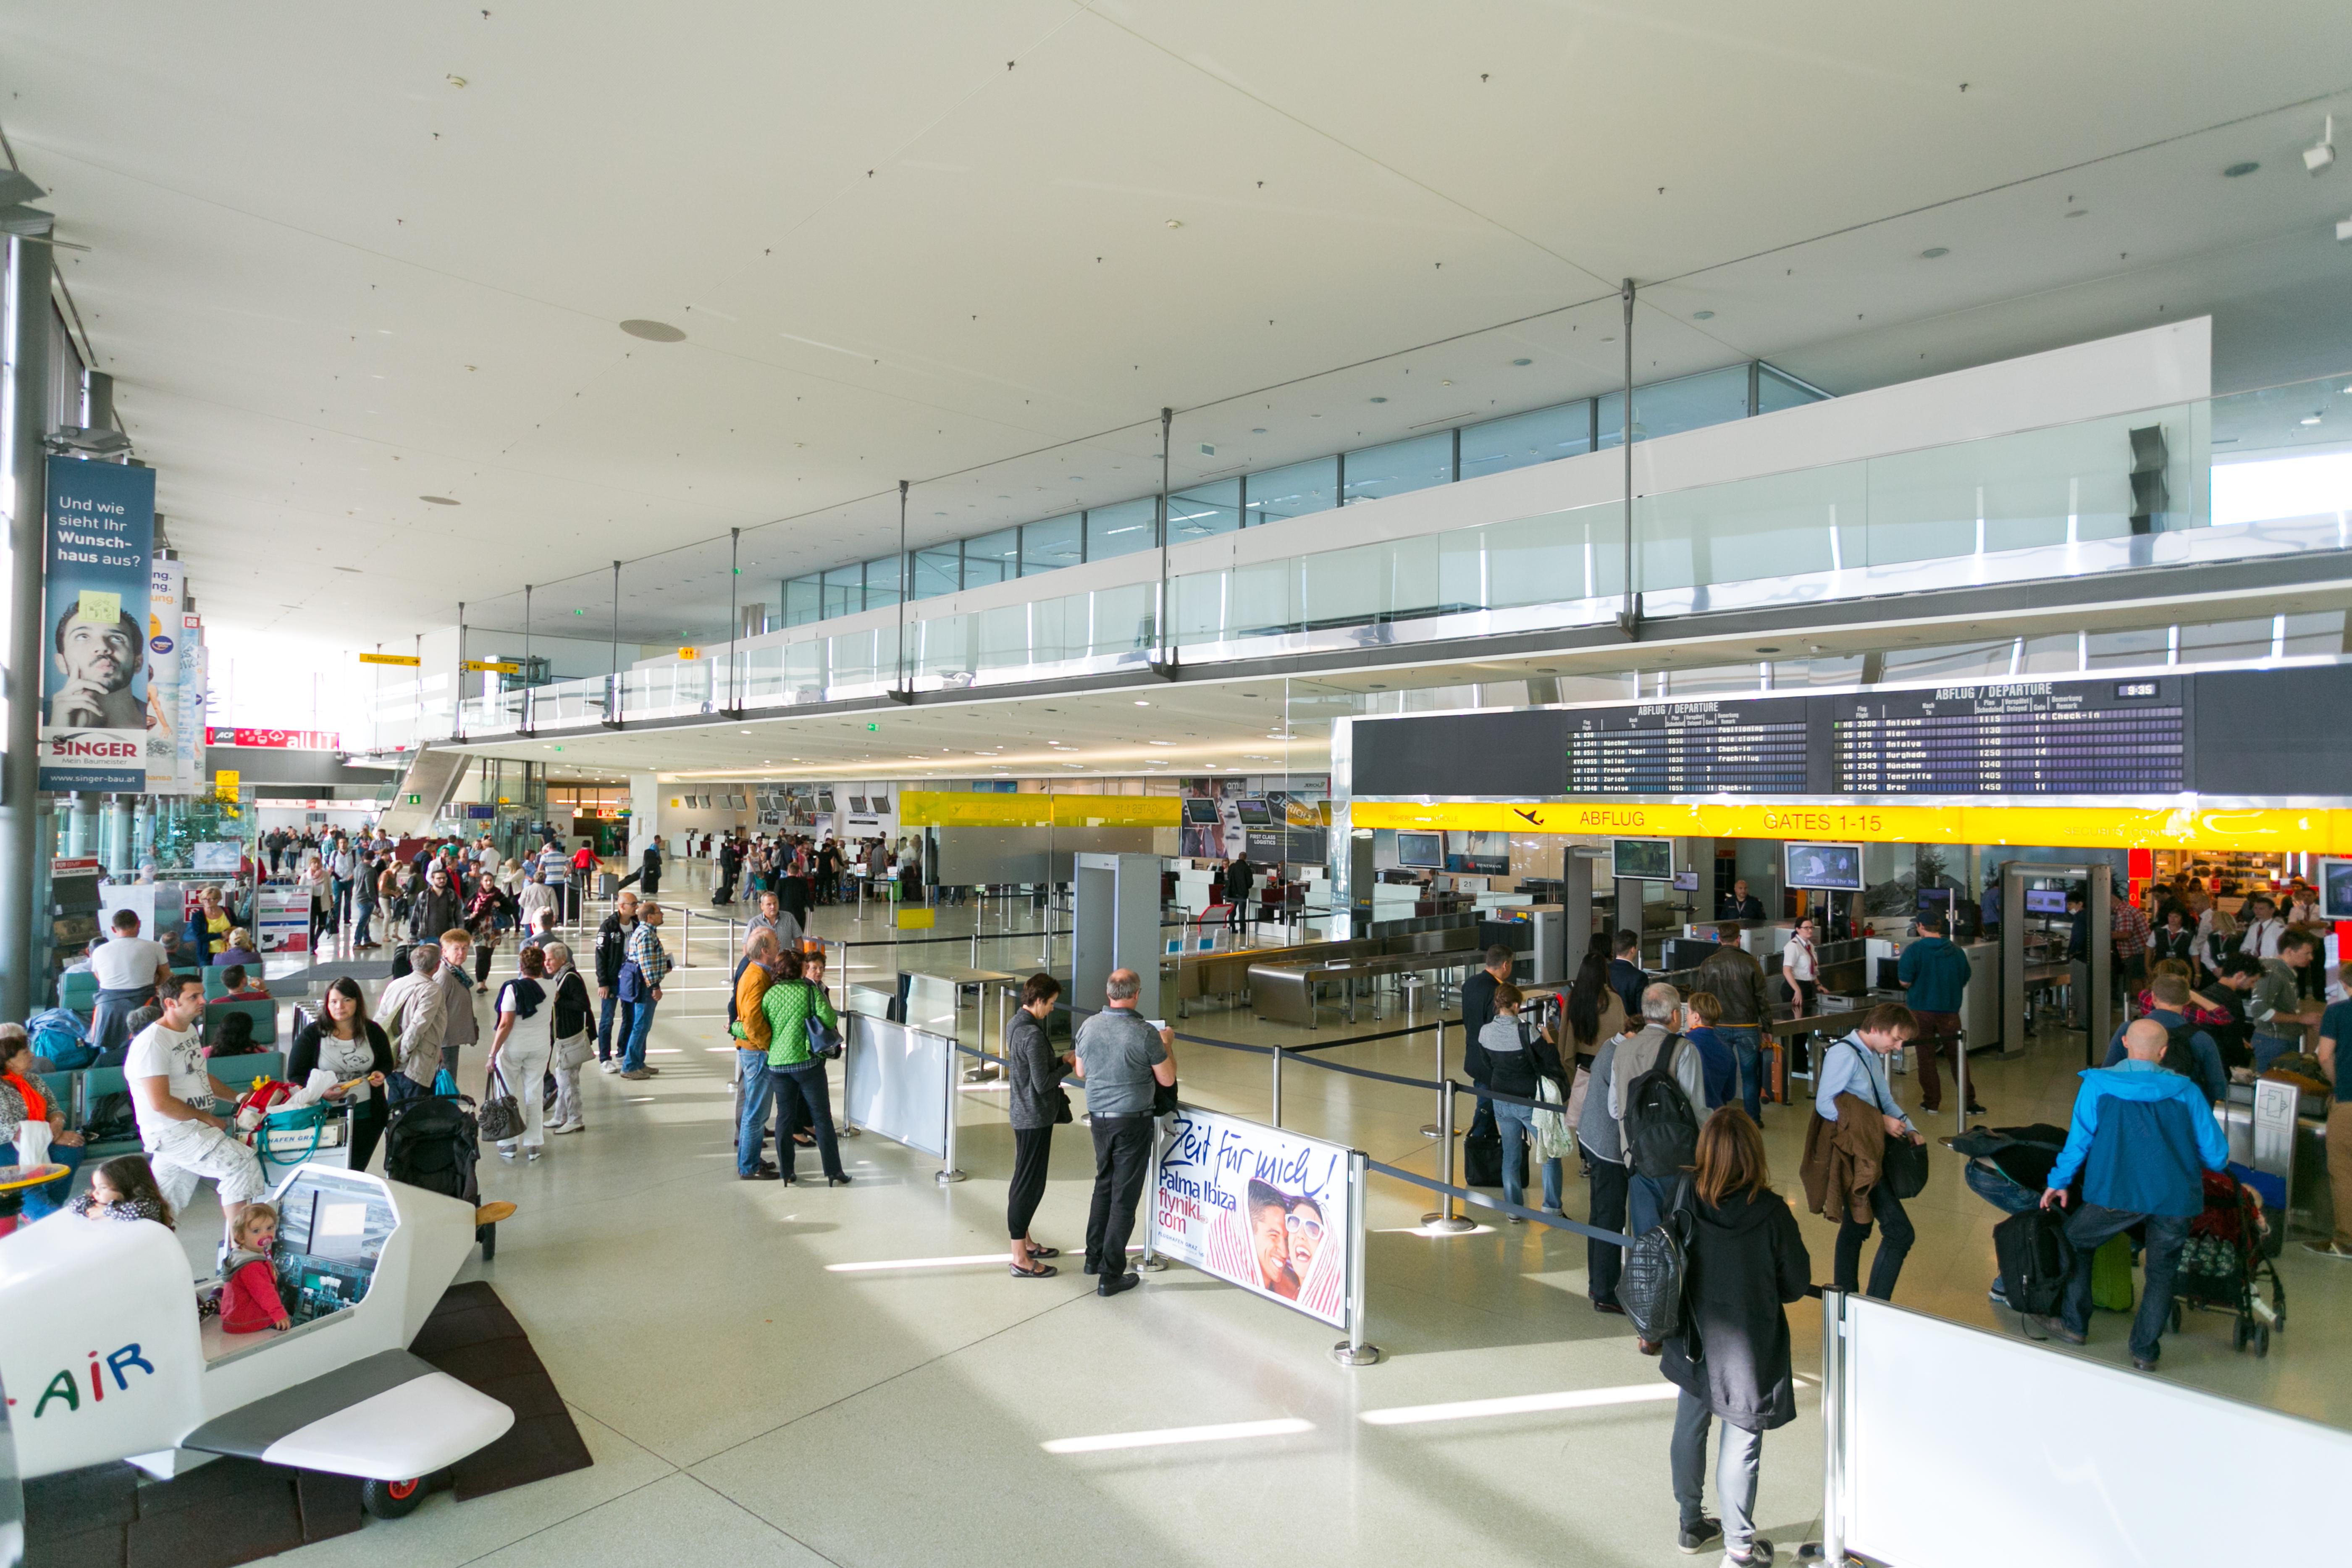 Flughafen Graz Interior Views Terminal Flightinformation